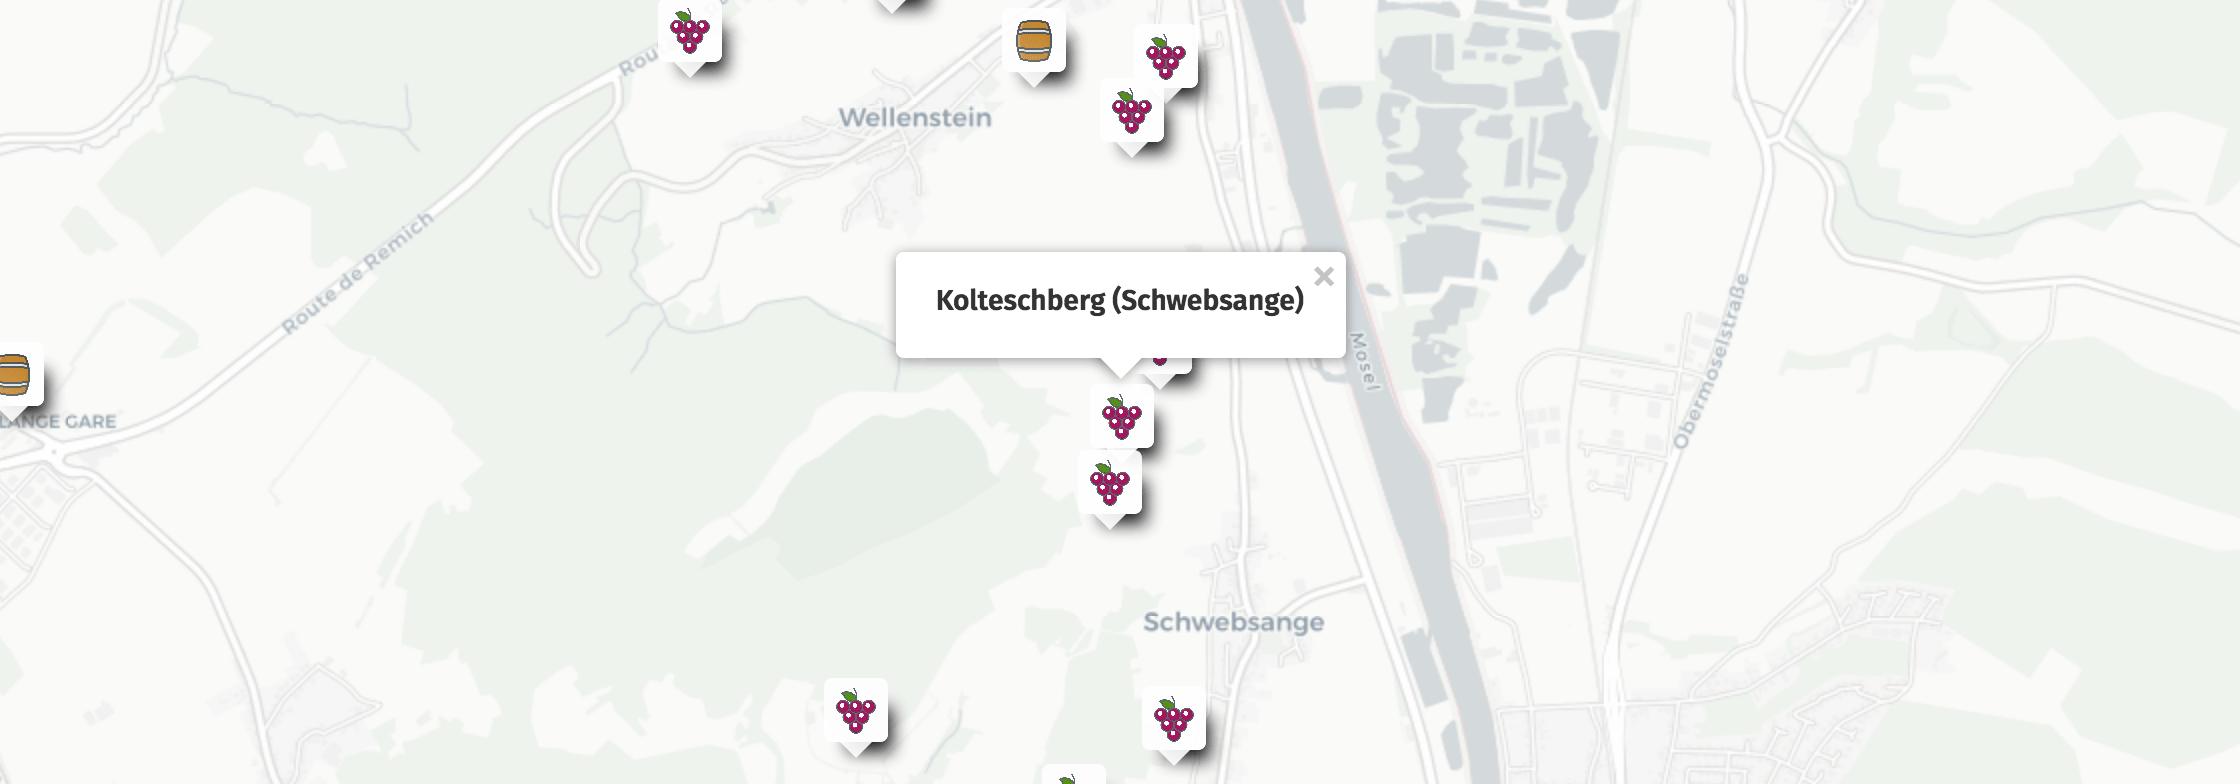 Geolocalisation des vins du Kolteschberg à Schwebsange